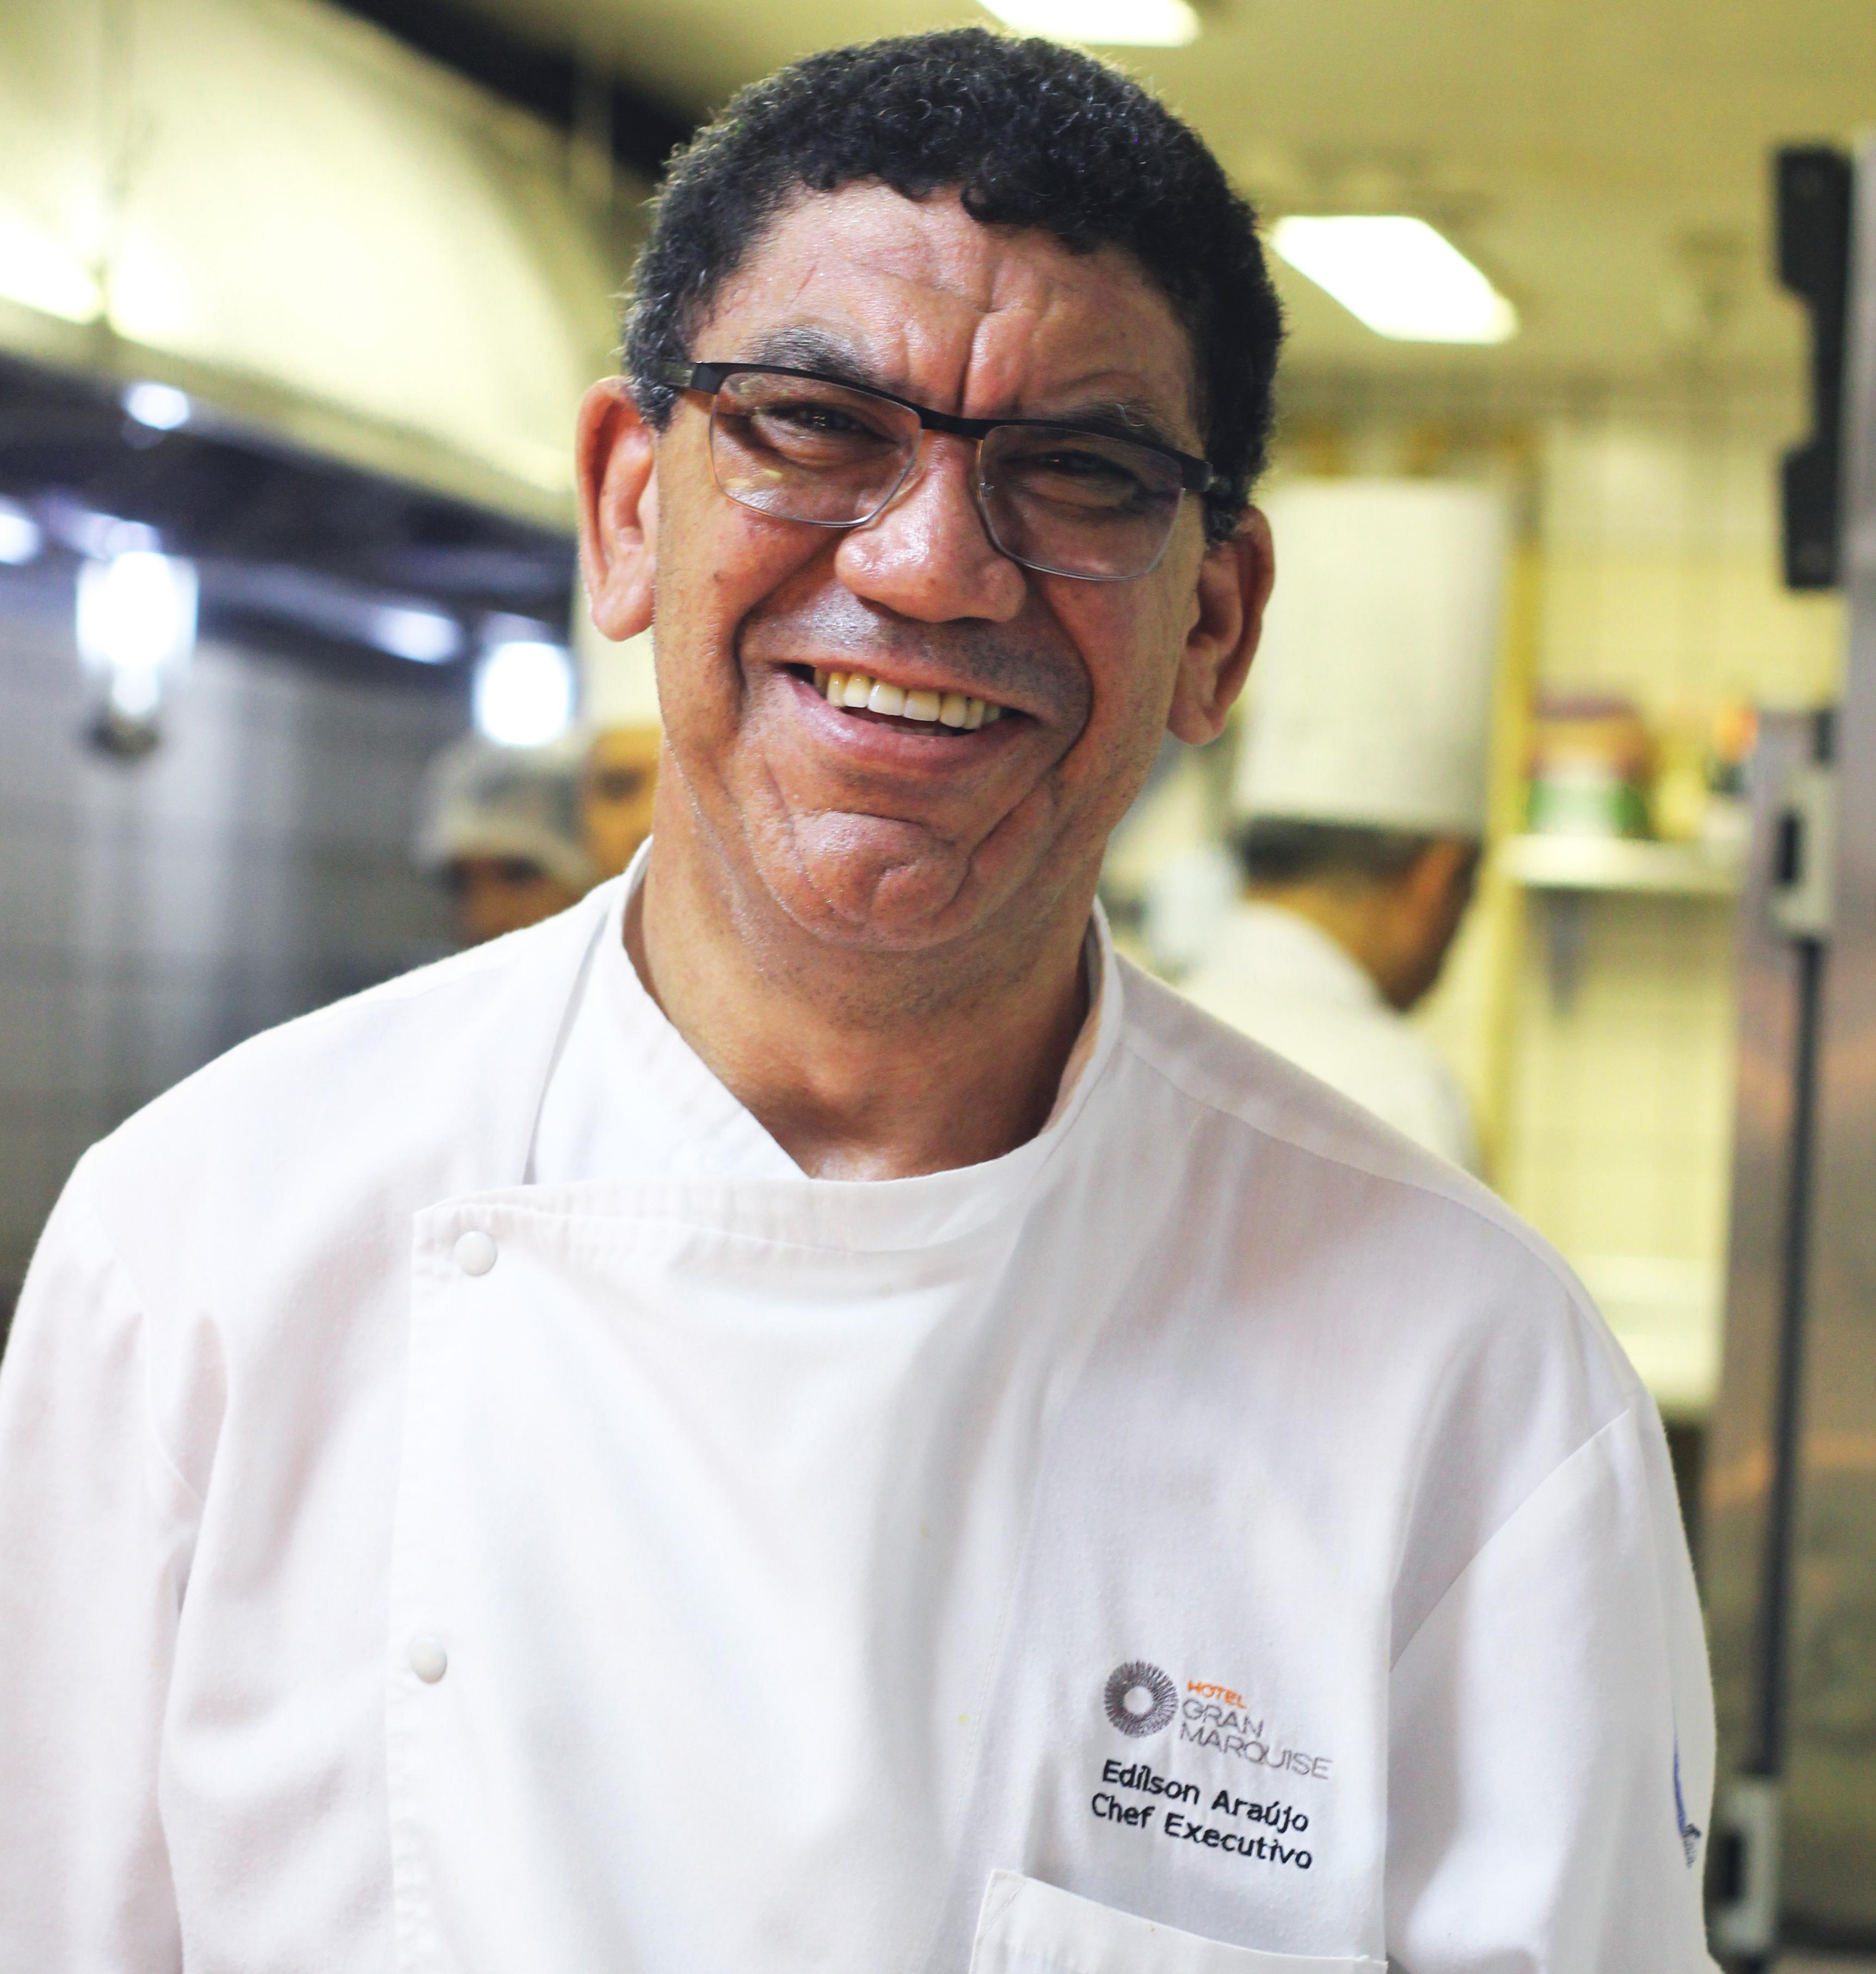 Chef Edilson Araújo